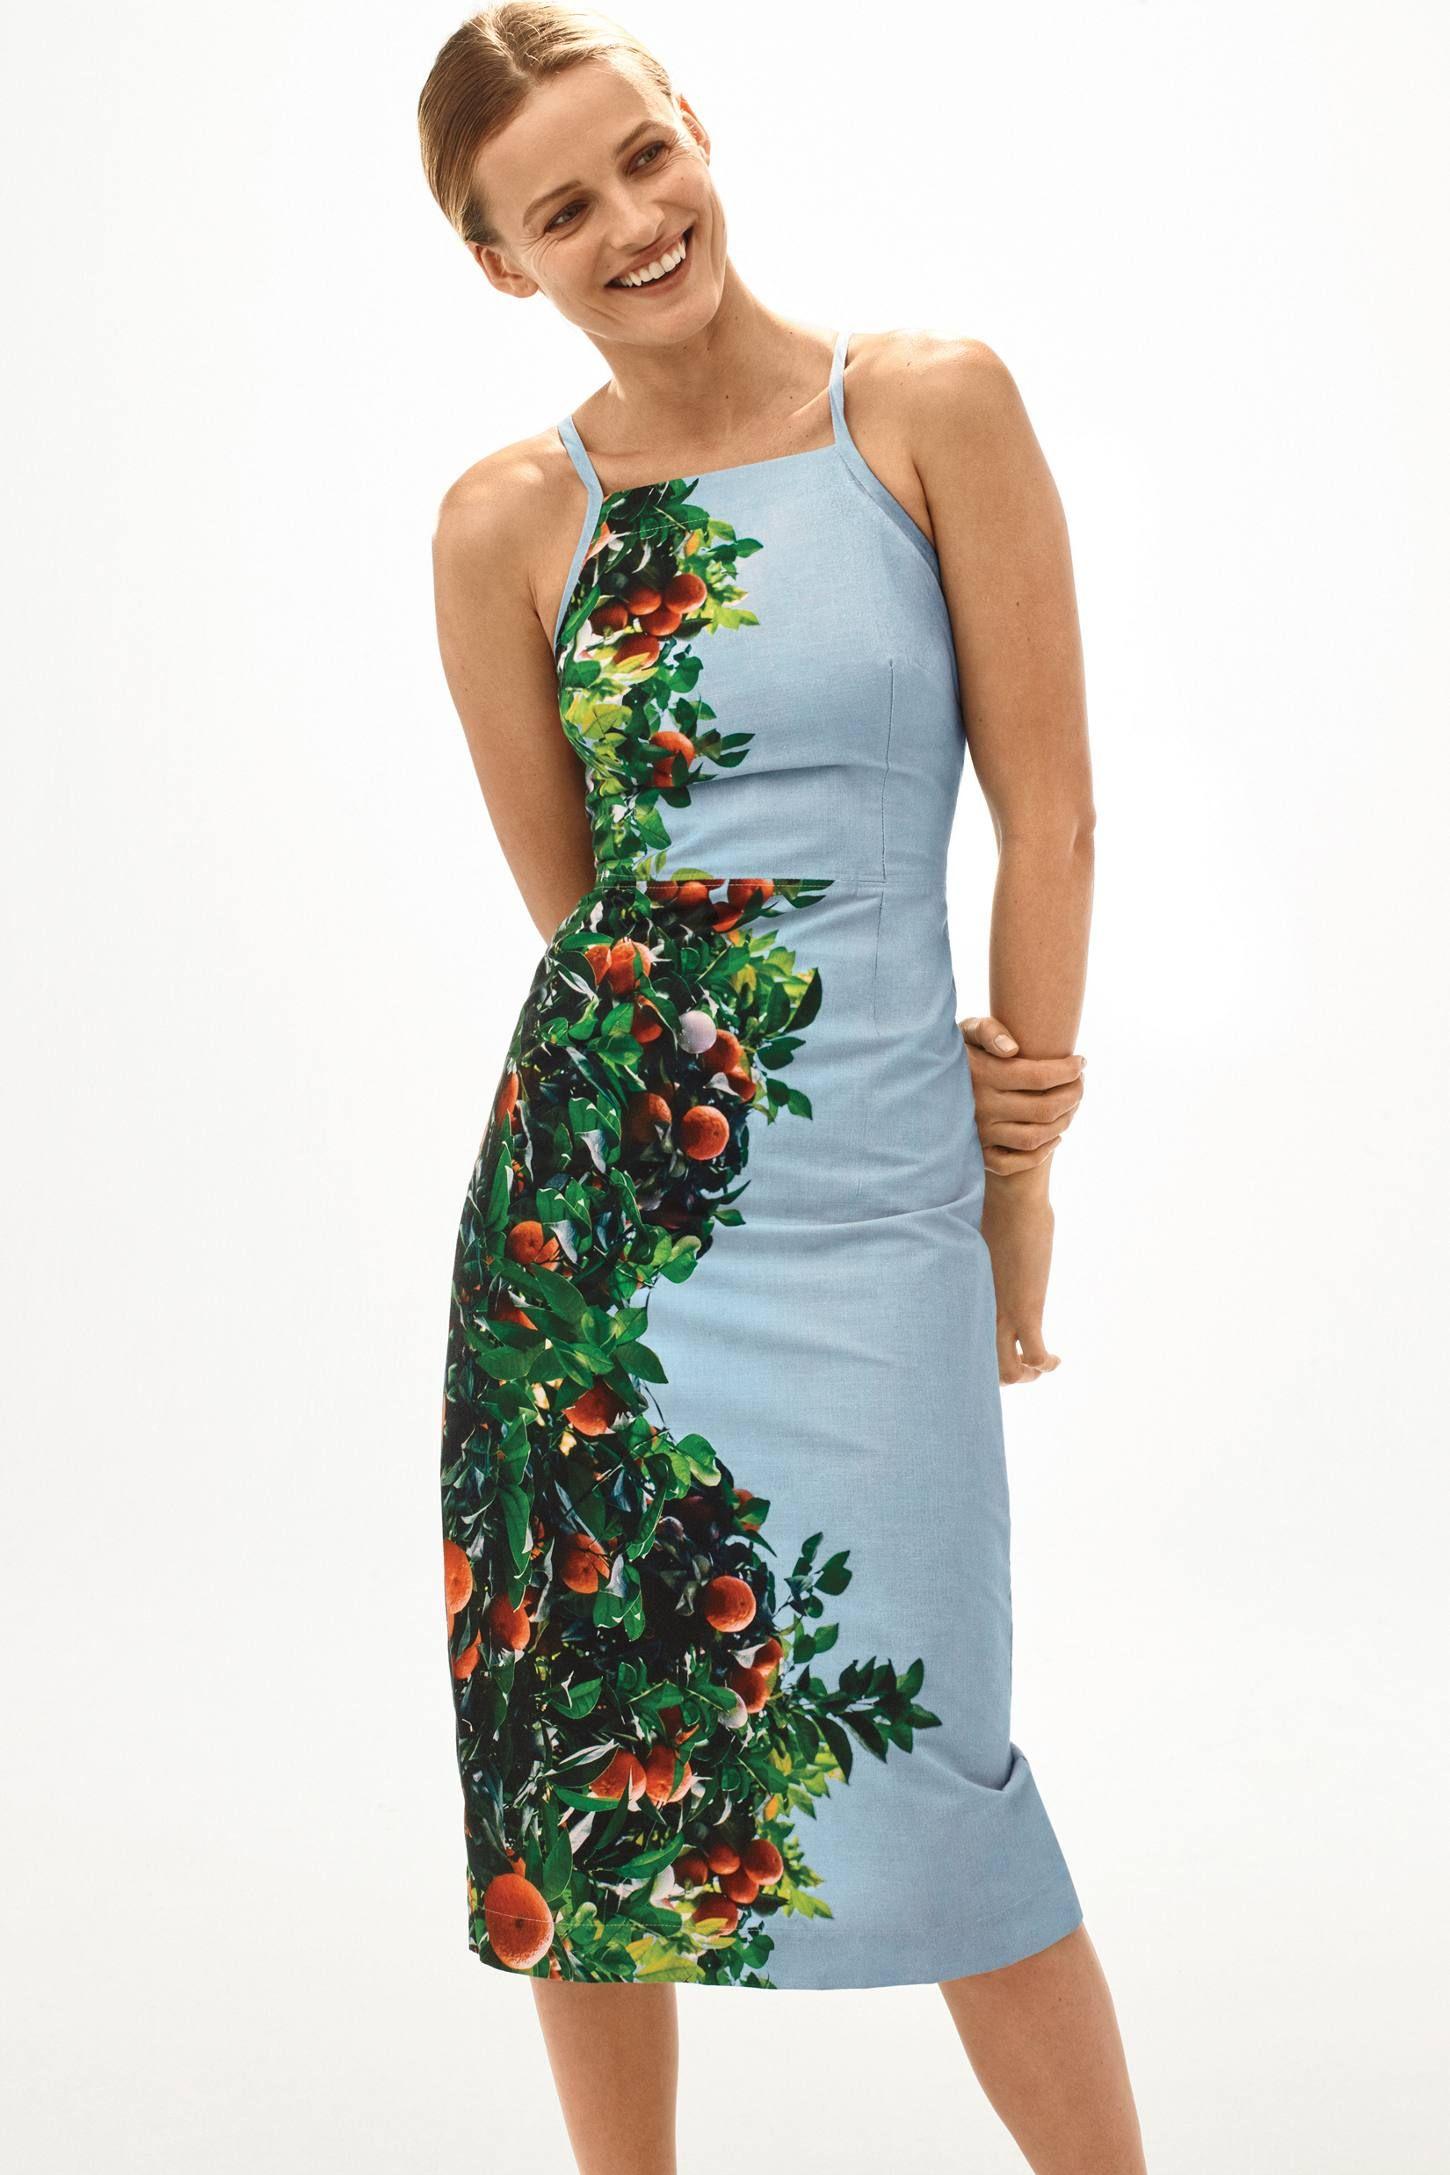 7b89553cf9e42 25 Summer Wedding Guest Dresses - Best Dresses to Wear to a Summer Wedding